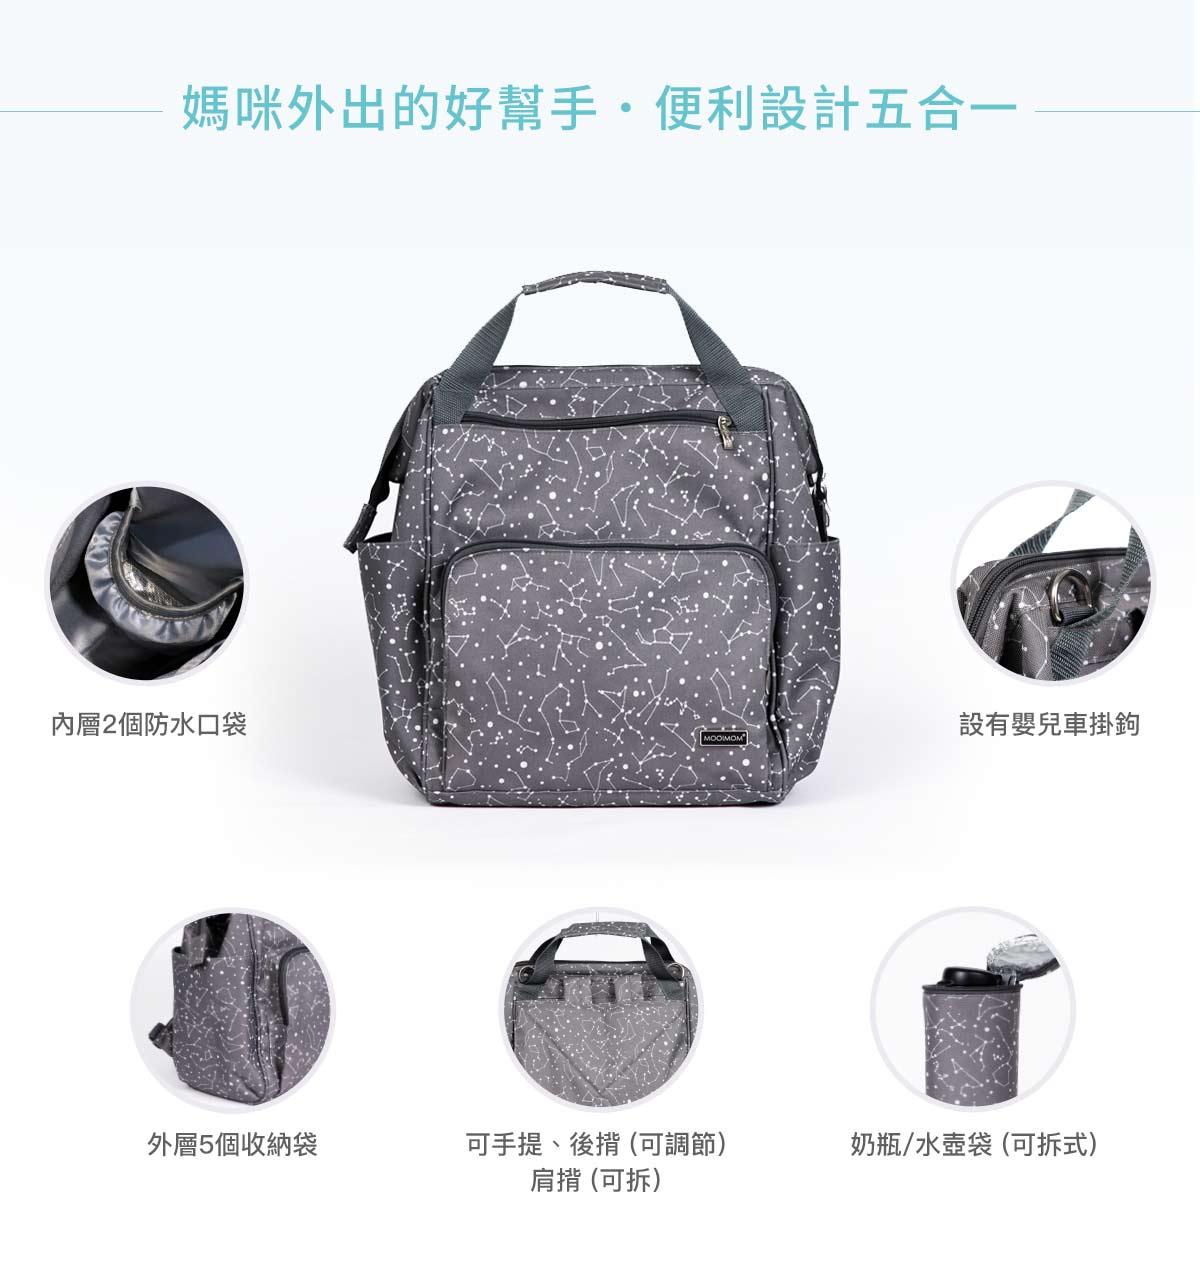 媽媽包,幾何星空媽媽包, 實用大容量背包,幾何星空實用大容量背包, 超大容量,媽咪外出的好幫手,便利設計五合一